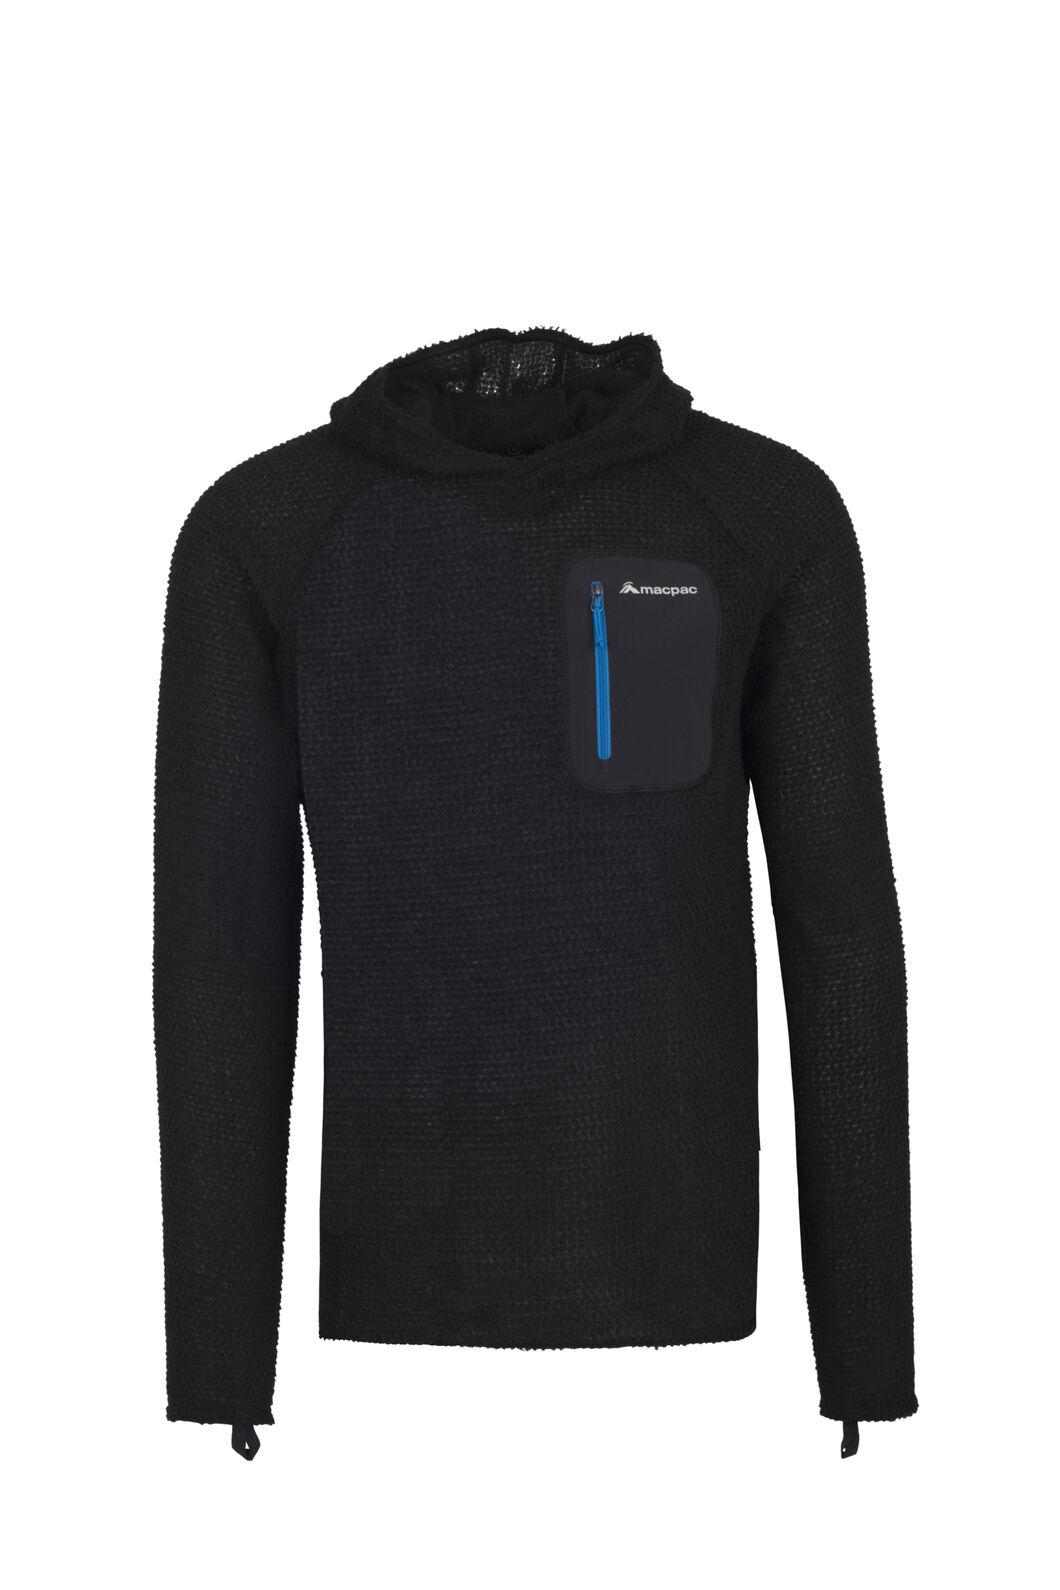 Macpac Nitro Polartec® Alpha® Pullover - Men's, Black, hi-res